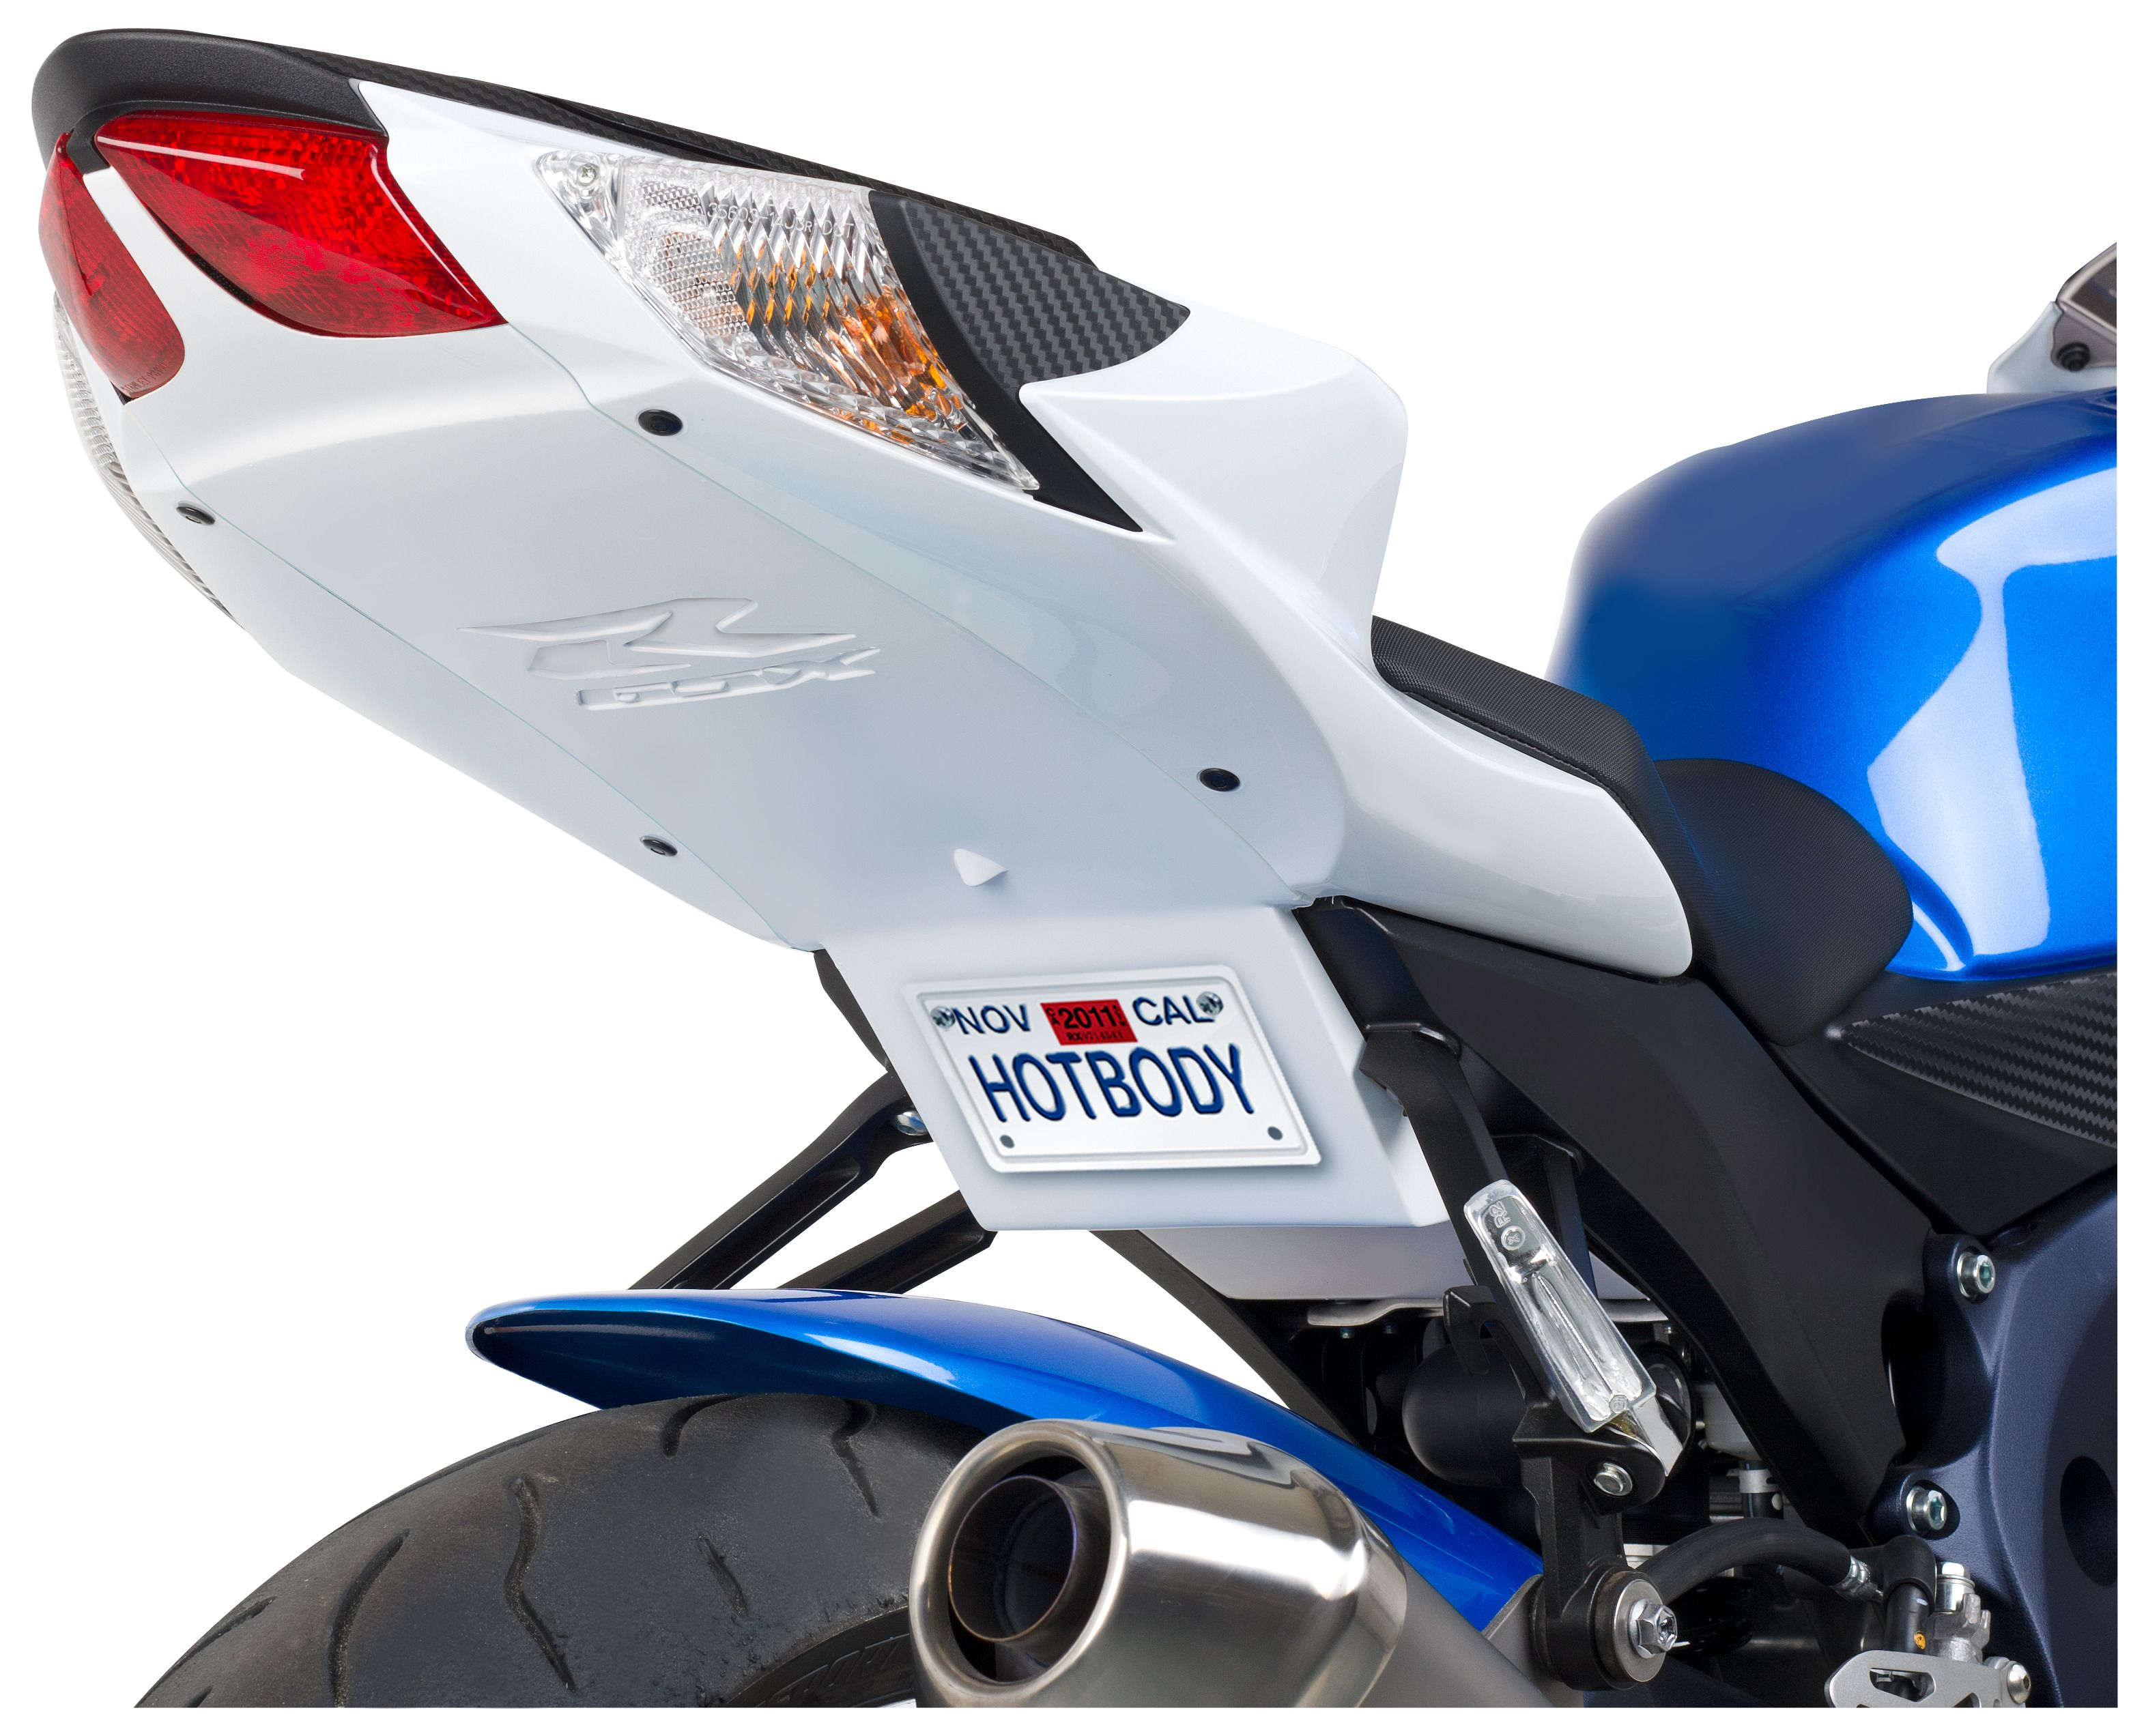 Hotbodies Supersport Undertail Kit Suzuki Gsxr 600 Gsxr